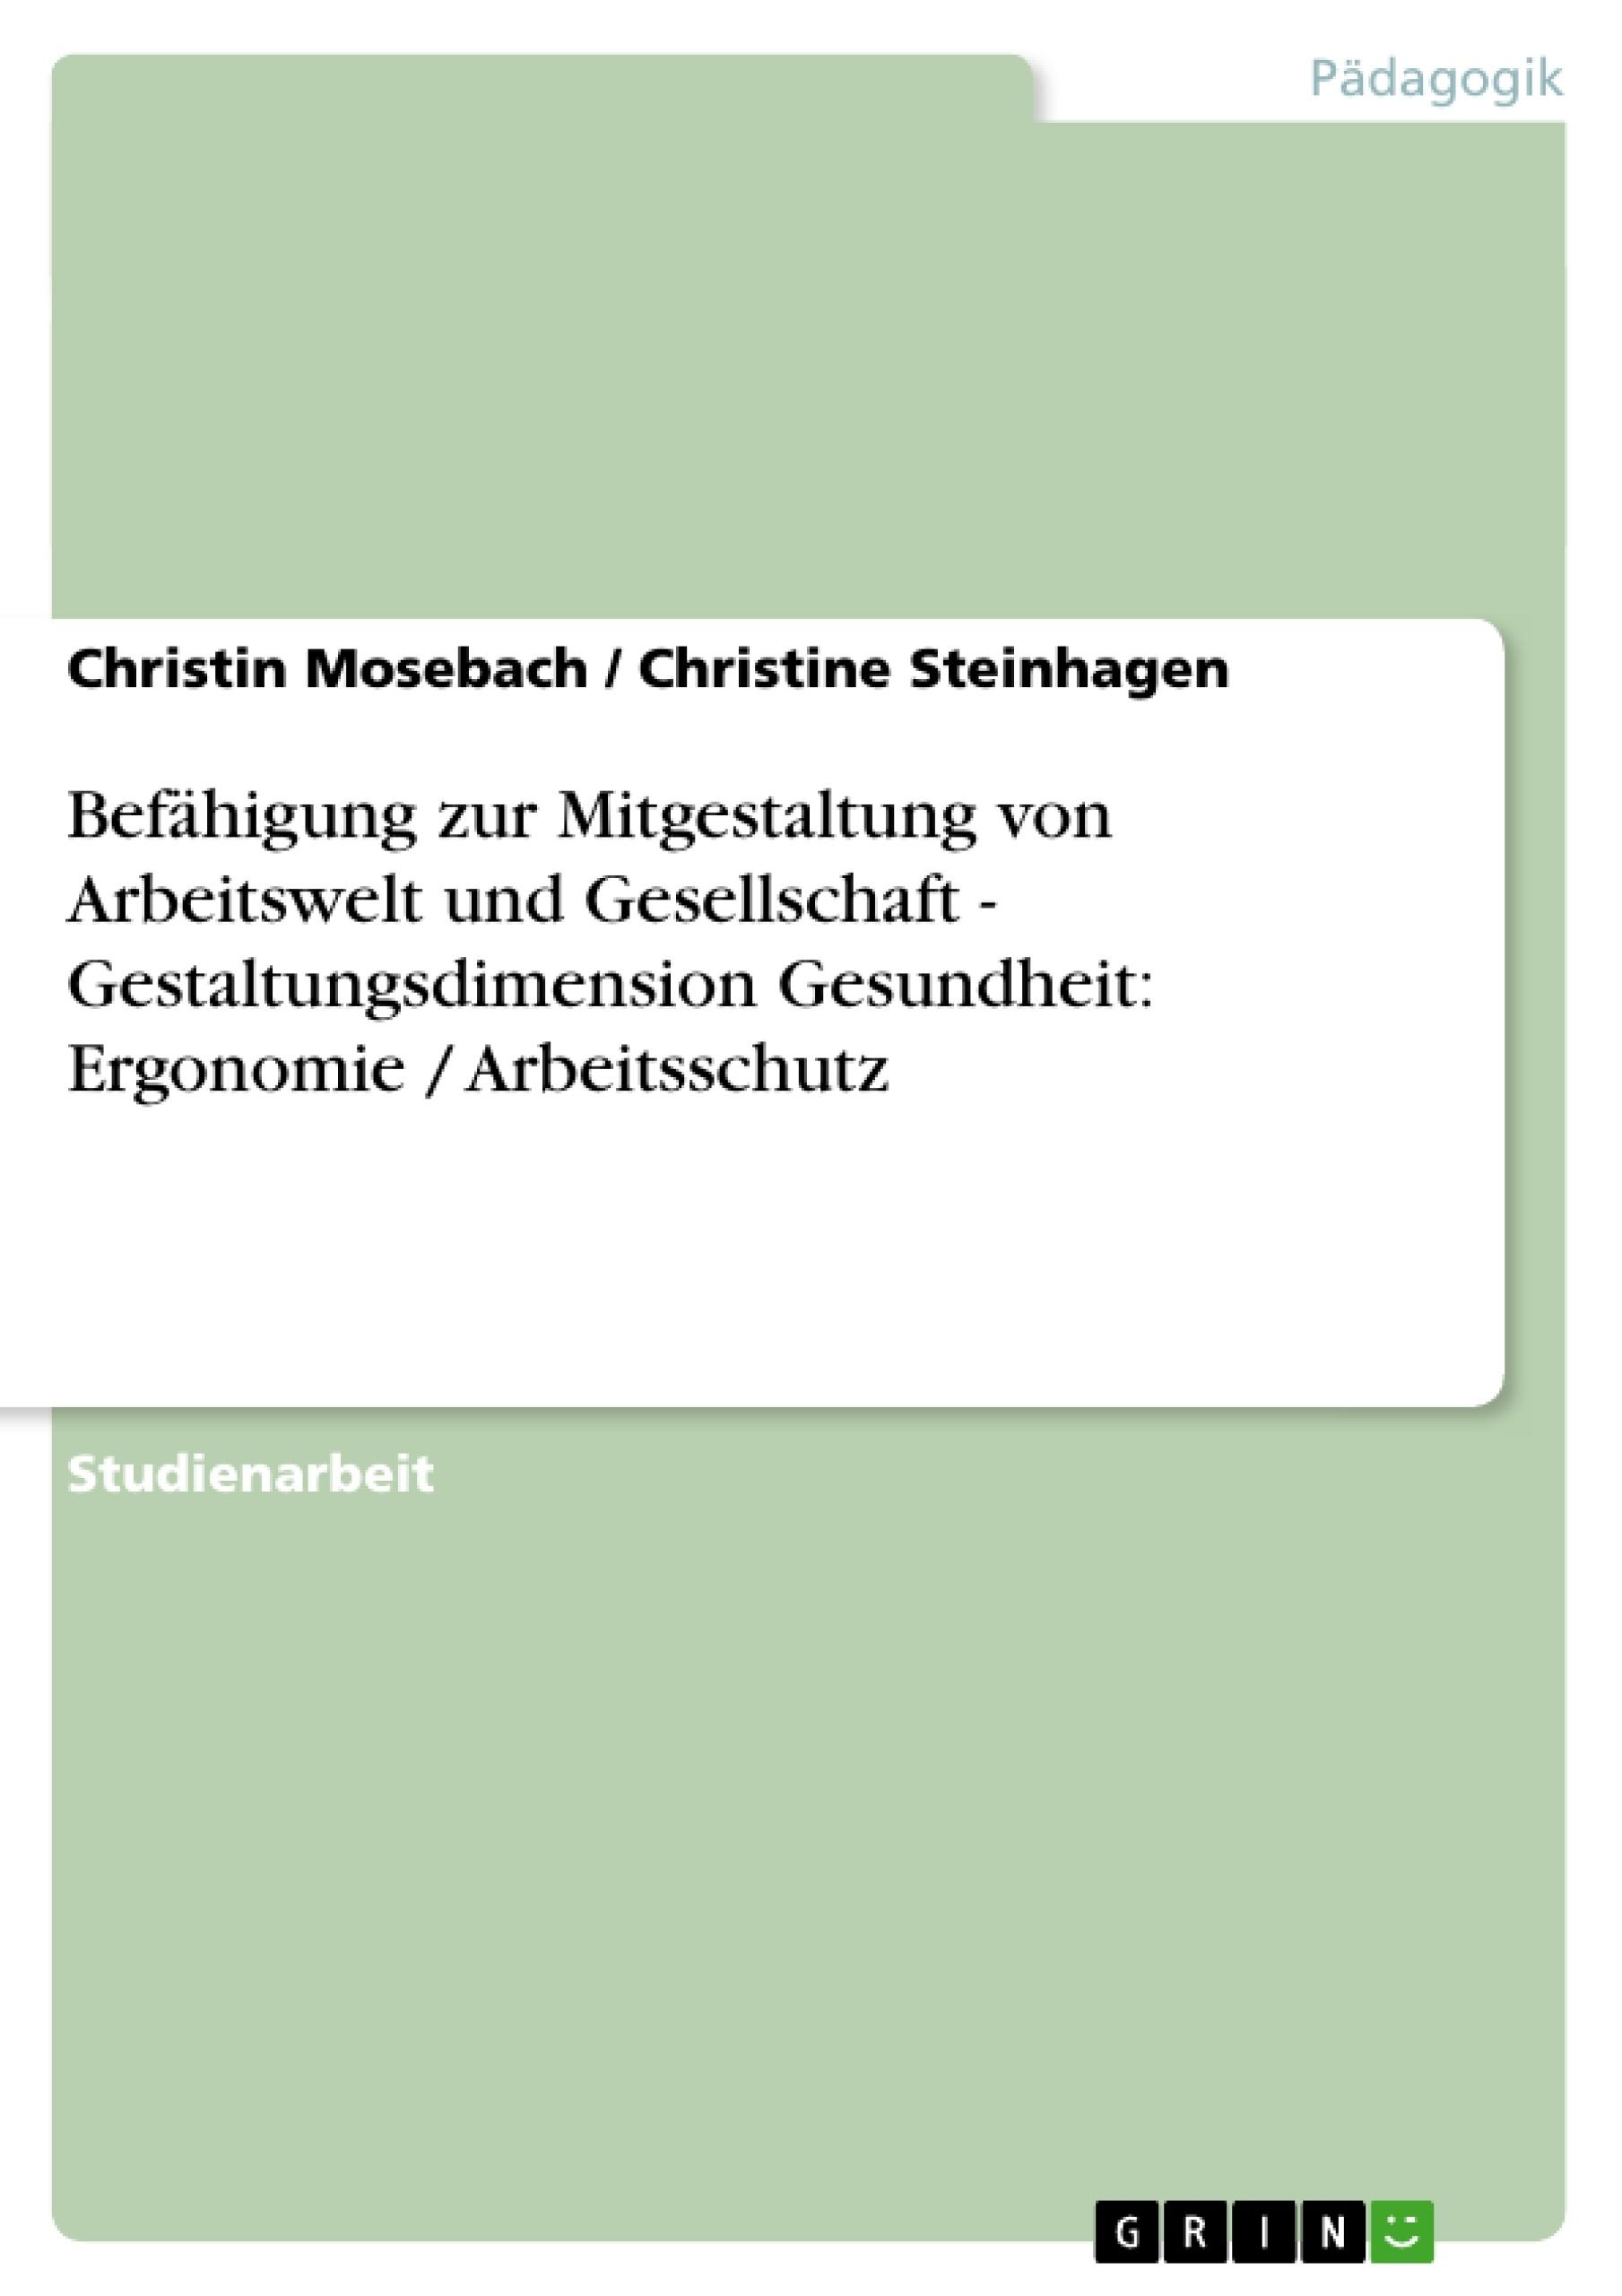 Titel: Befähigung zur Mitgestaltung von Arbeitswelt und Gesellschaft - Gestaltungsdimension Gesundheit: Ergonomie / Arbeitsschutz